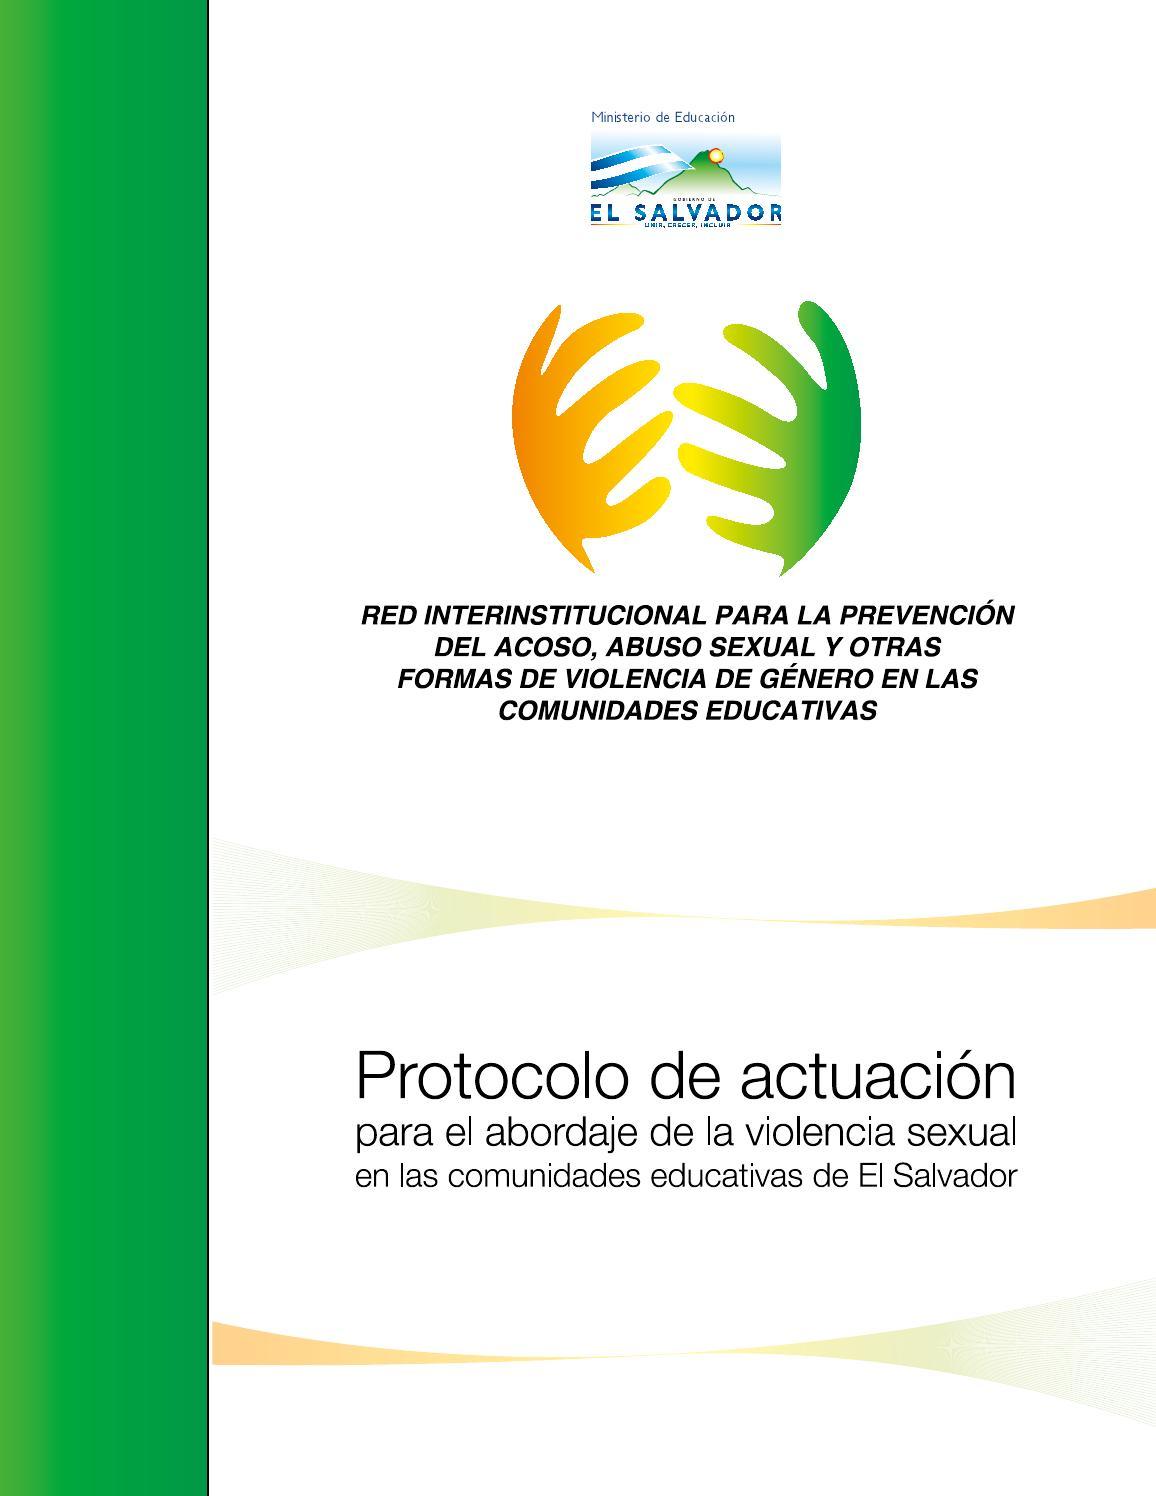 Protocolo de actuación by UNICEFSV - issuu